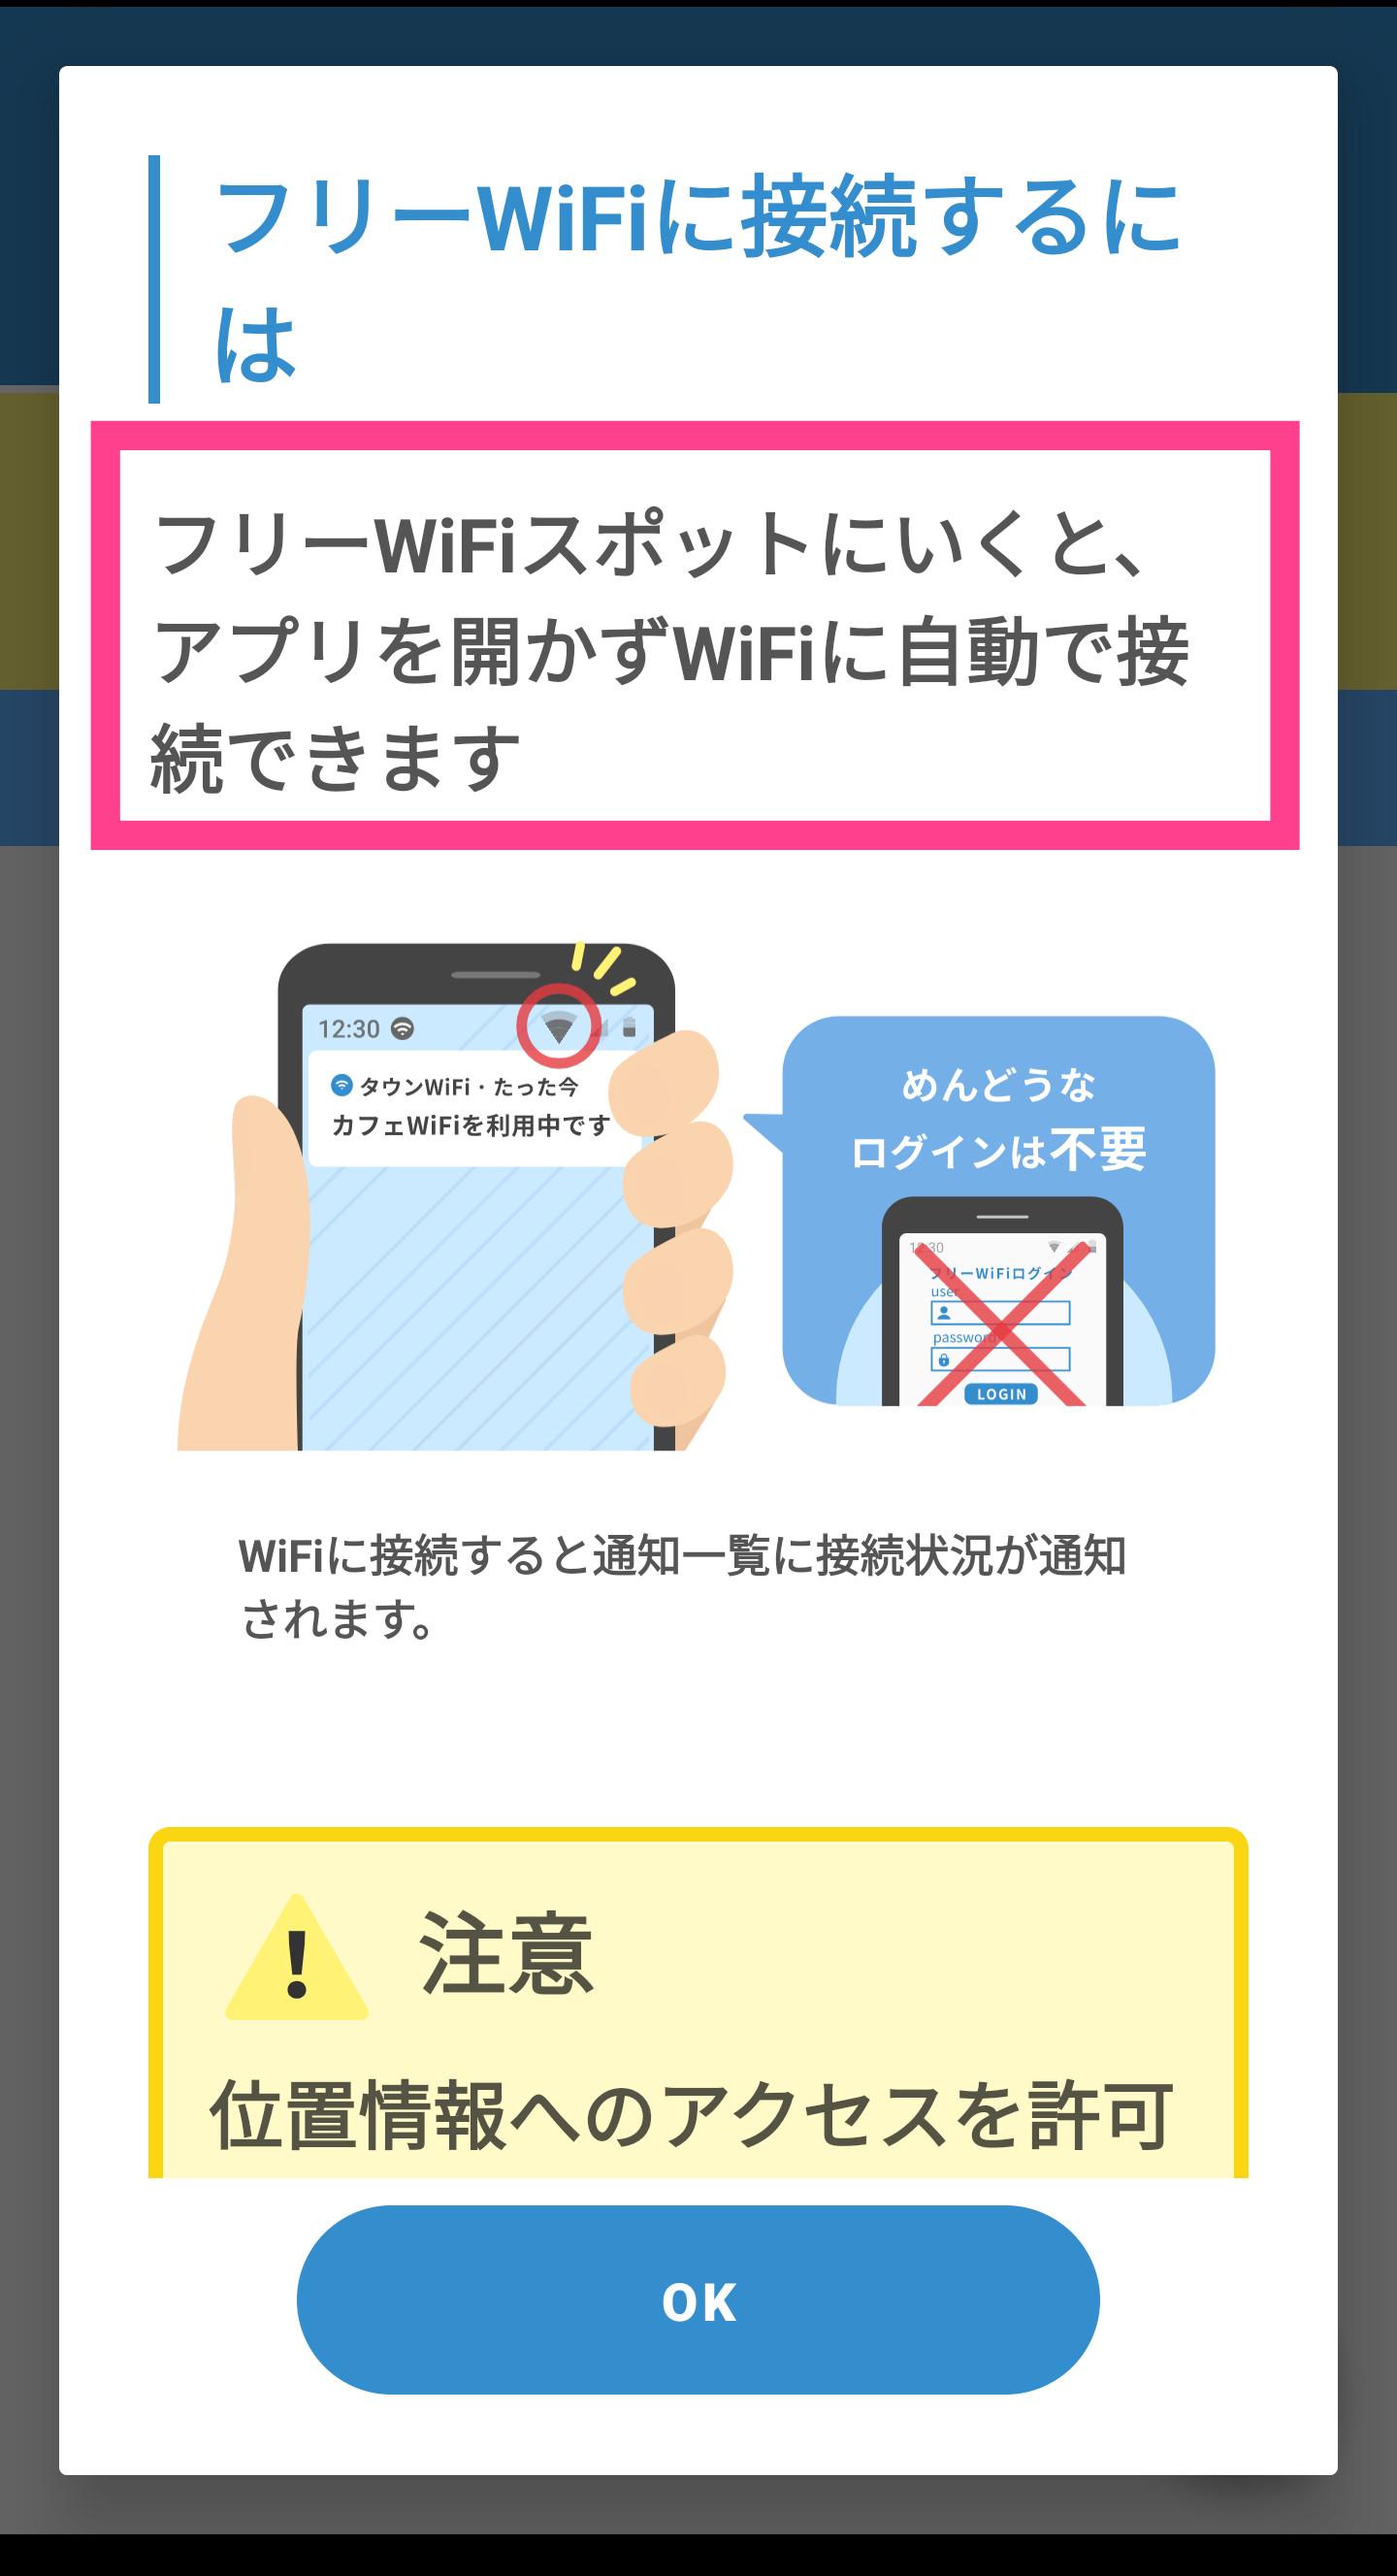 タウンWi-Fi解説